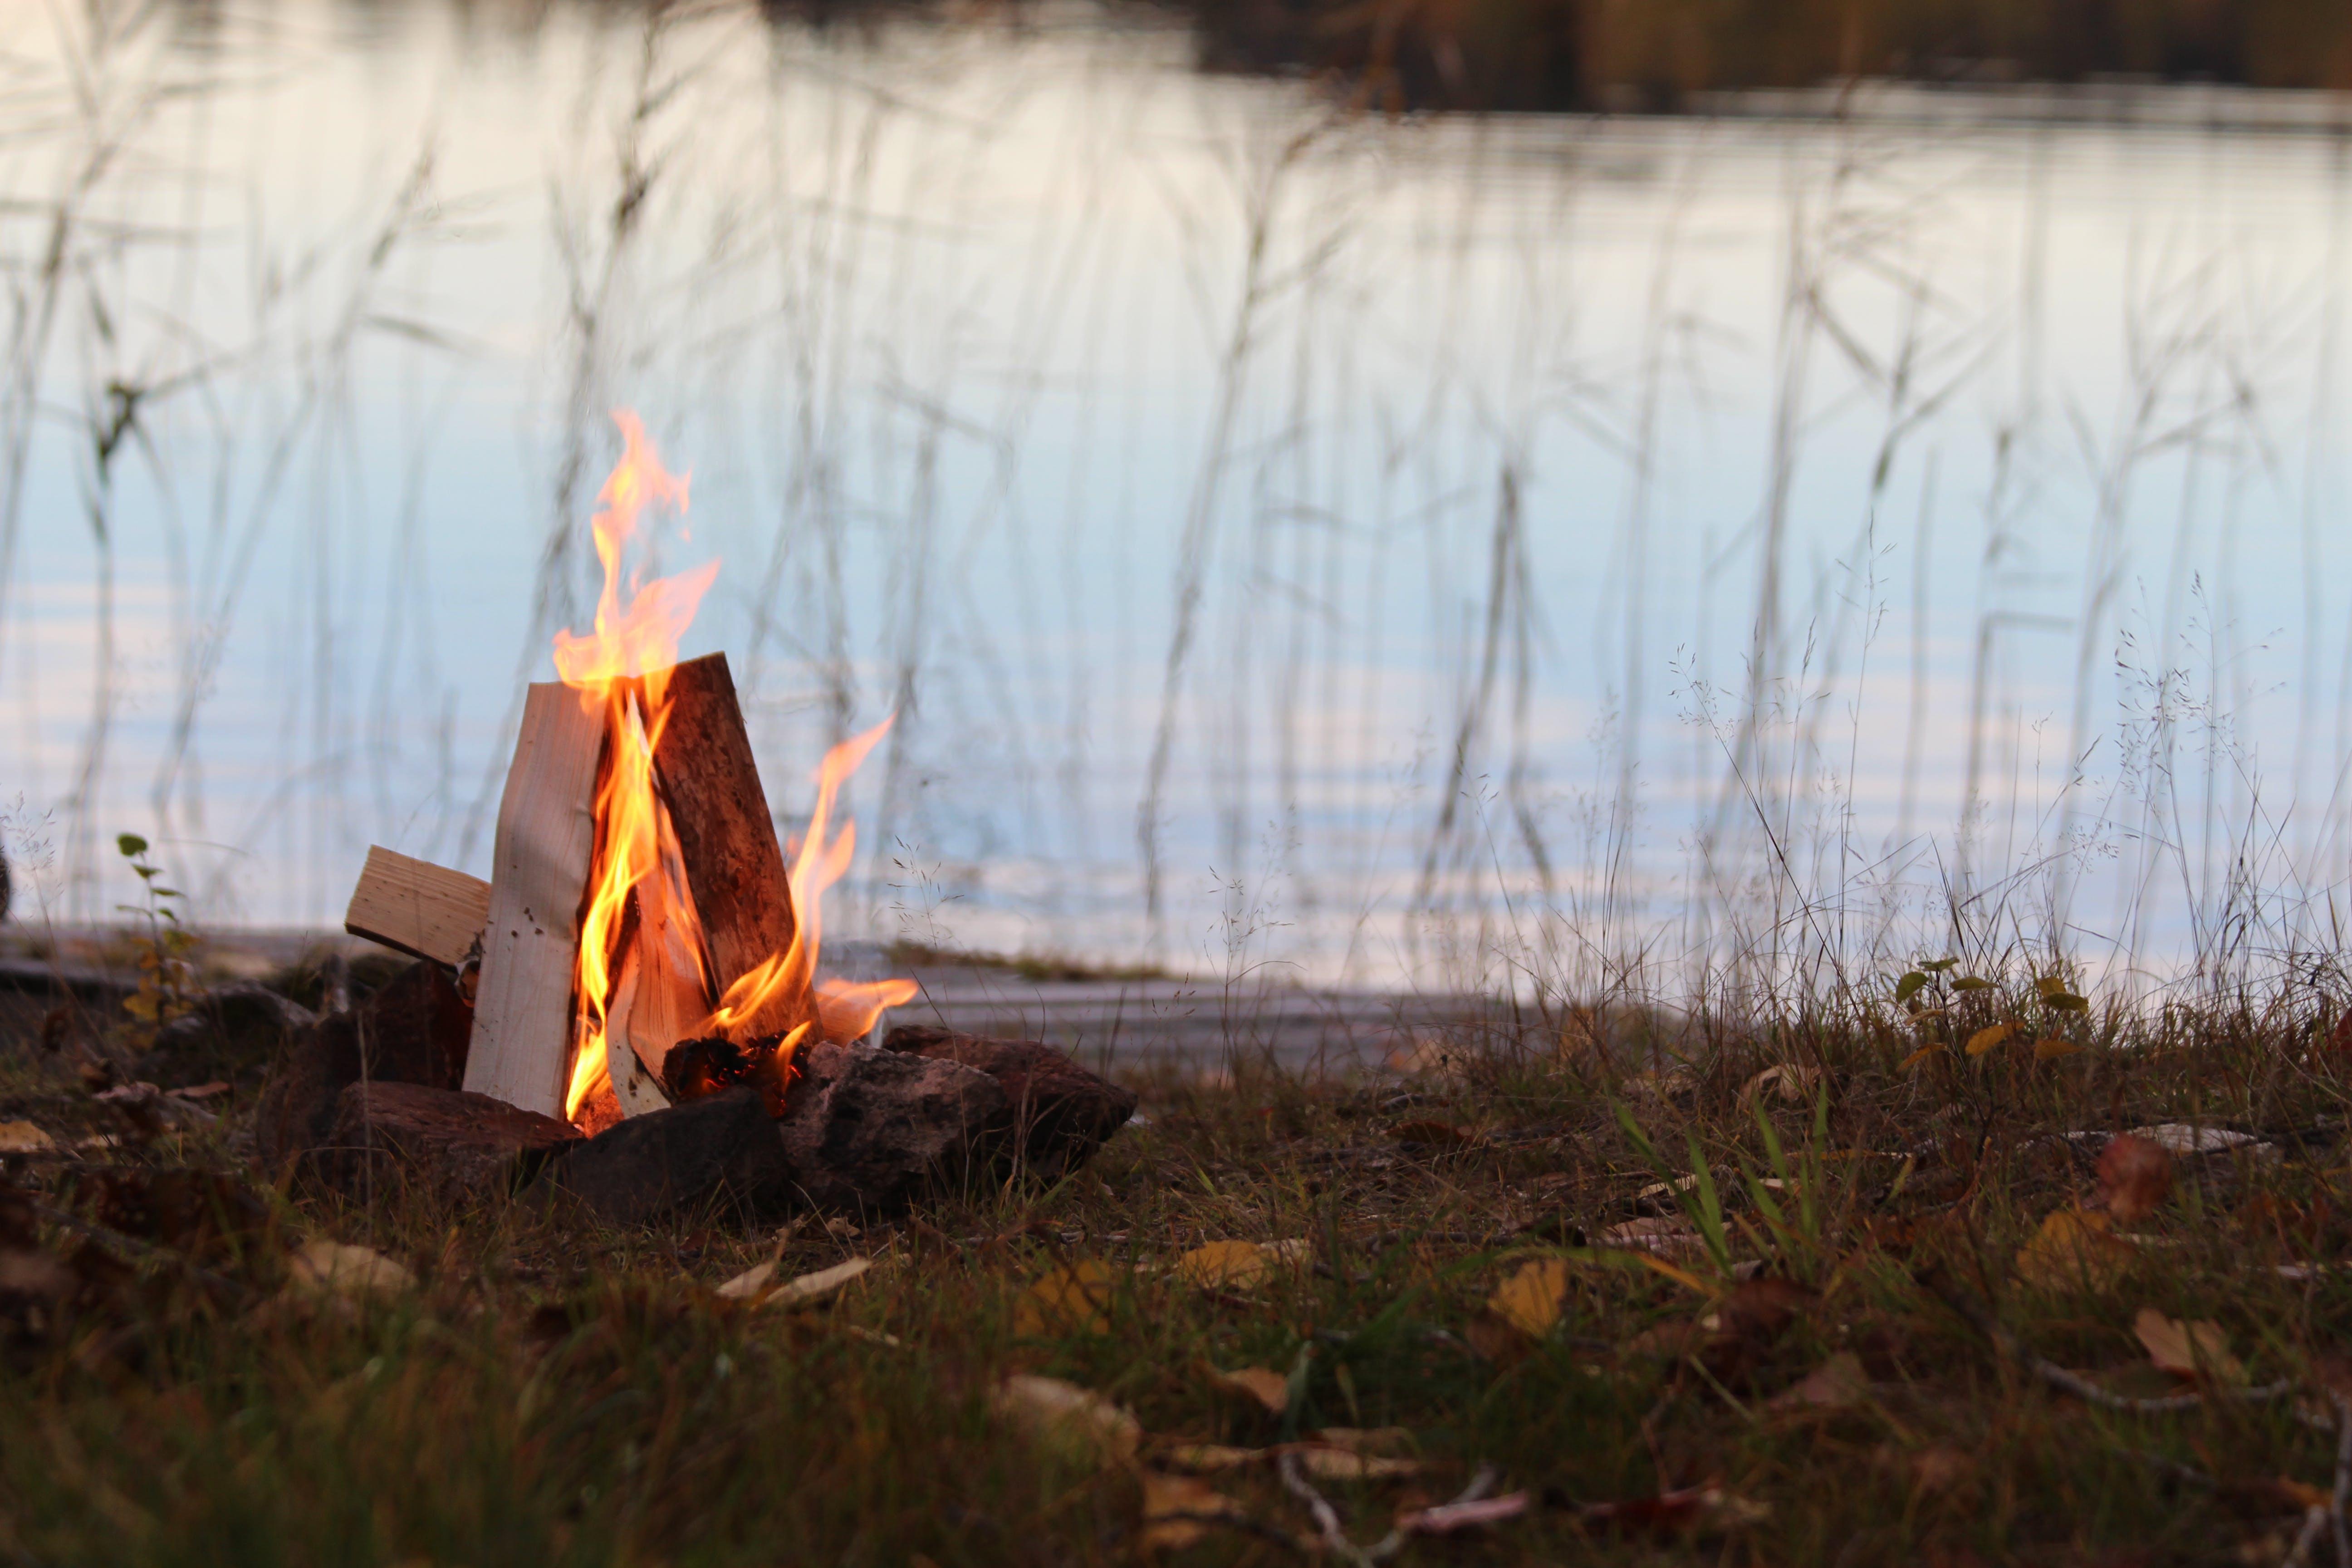 Fire Beside Body of Water